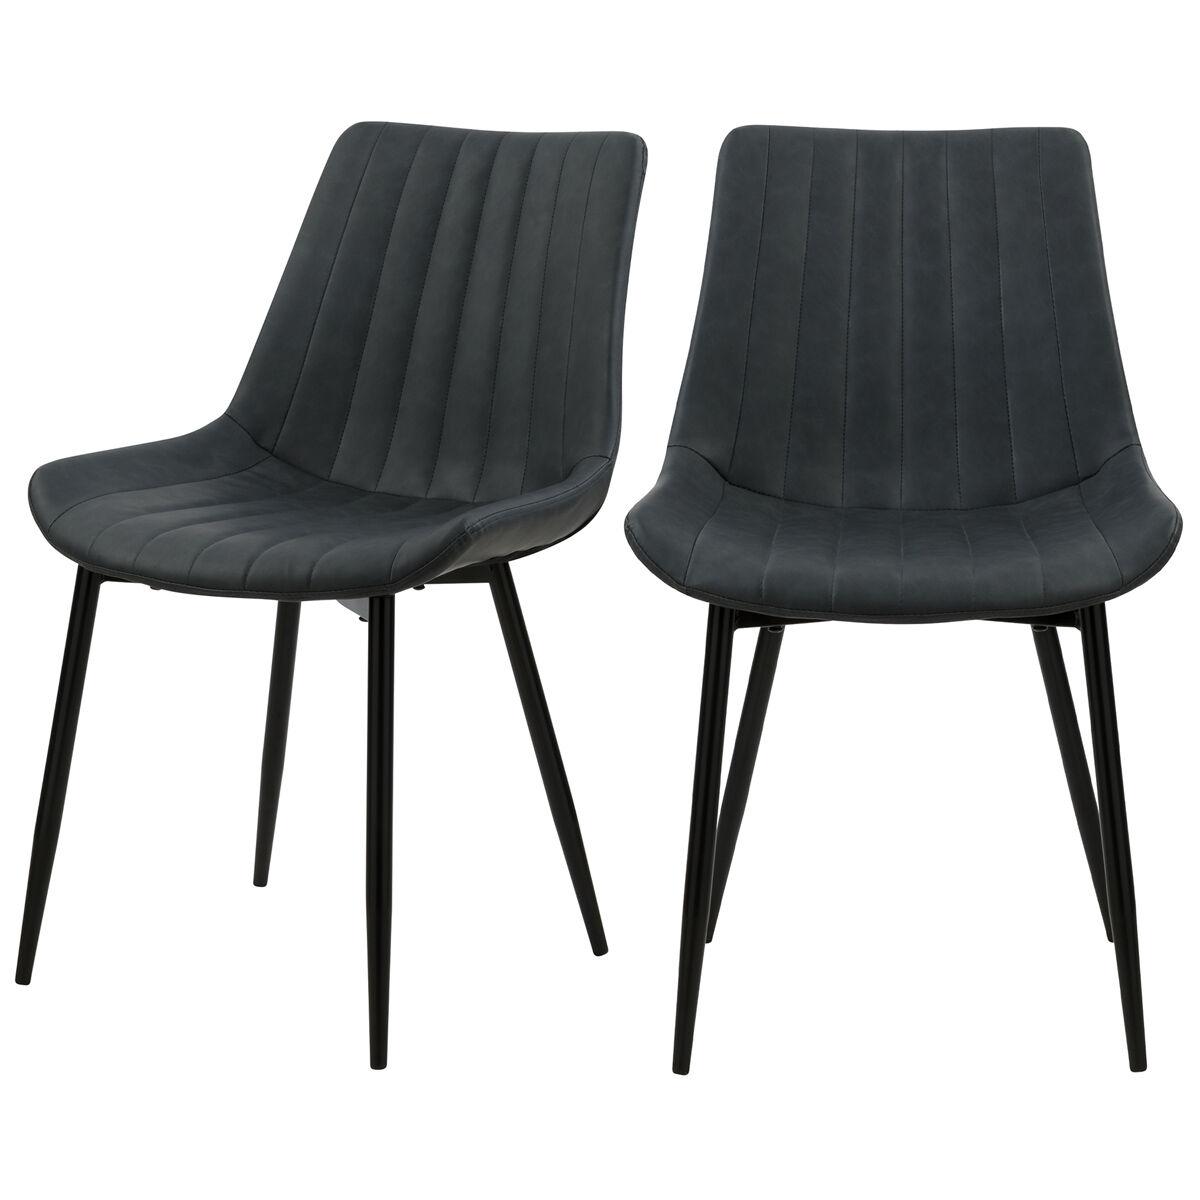 Rendez vous déco Chaise en cuir synthétique gris foncé et métal noir (x2)